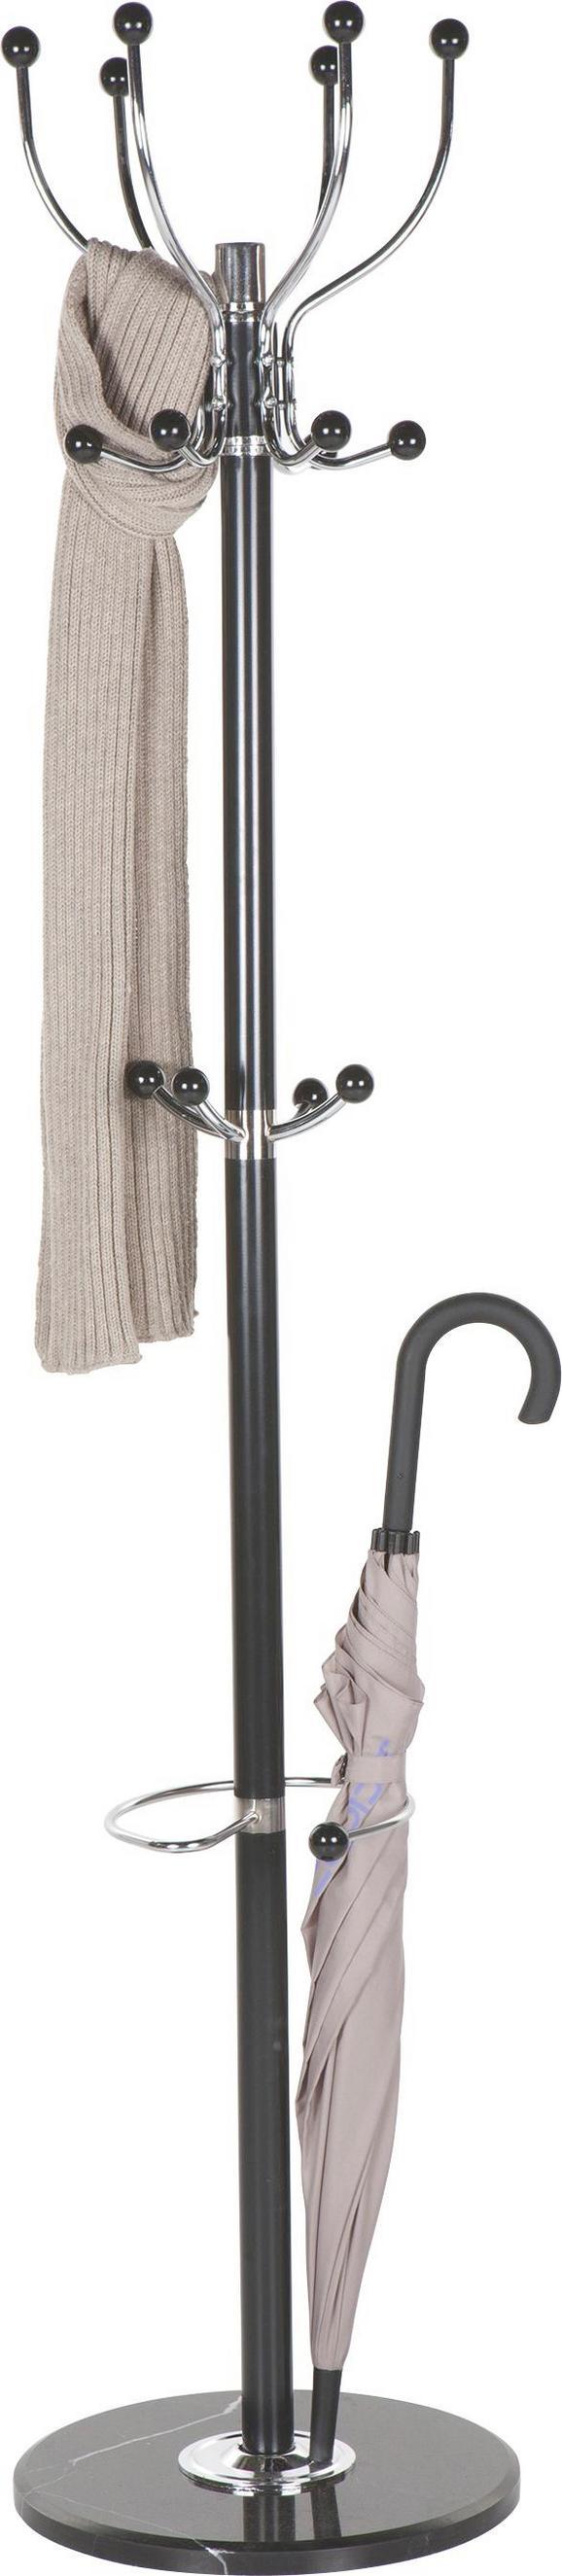 Samostoječ Obešalnik Mecki -sb- - (38/176cm)